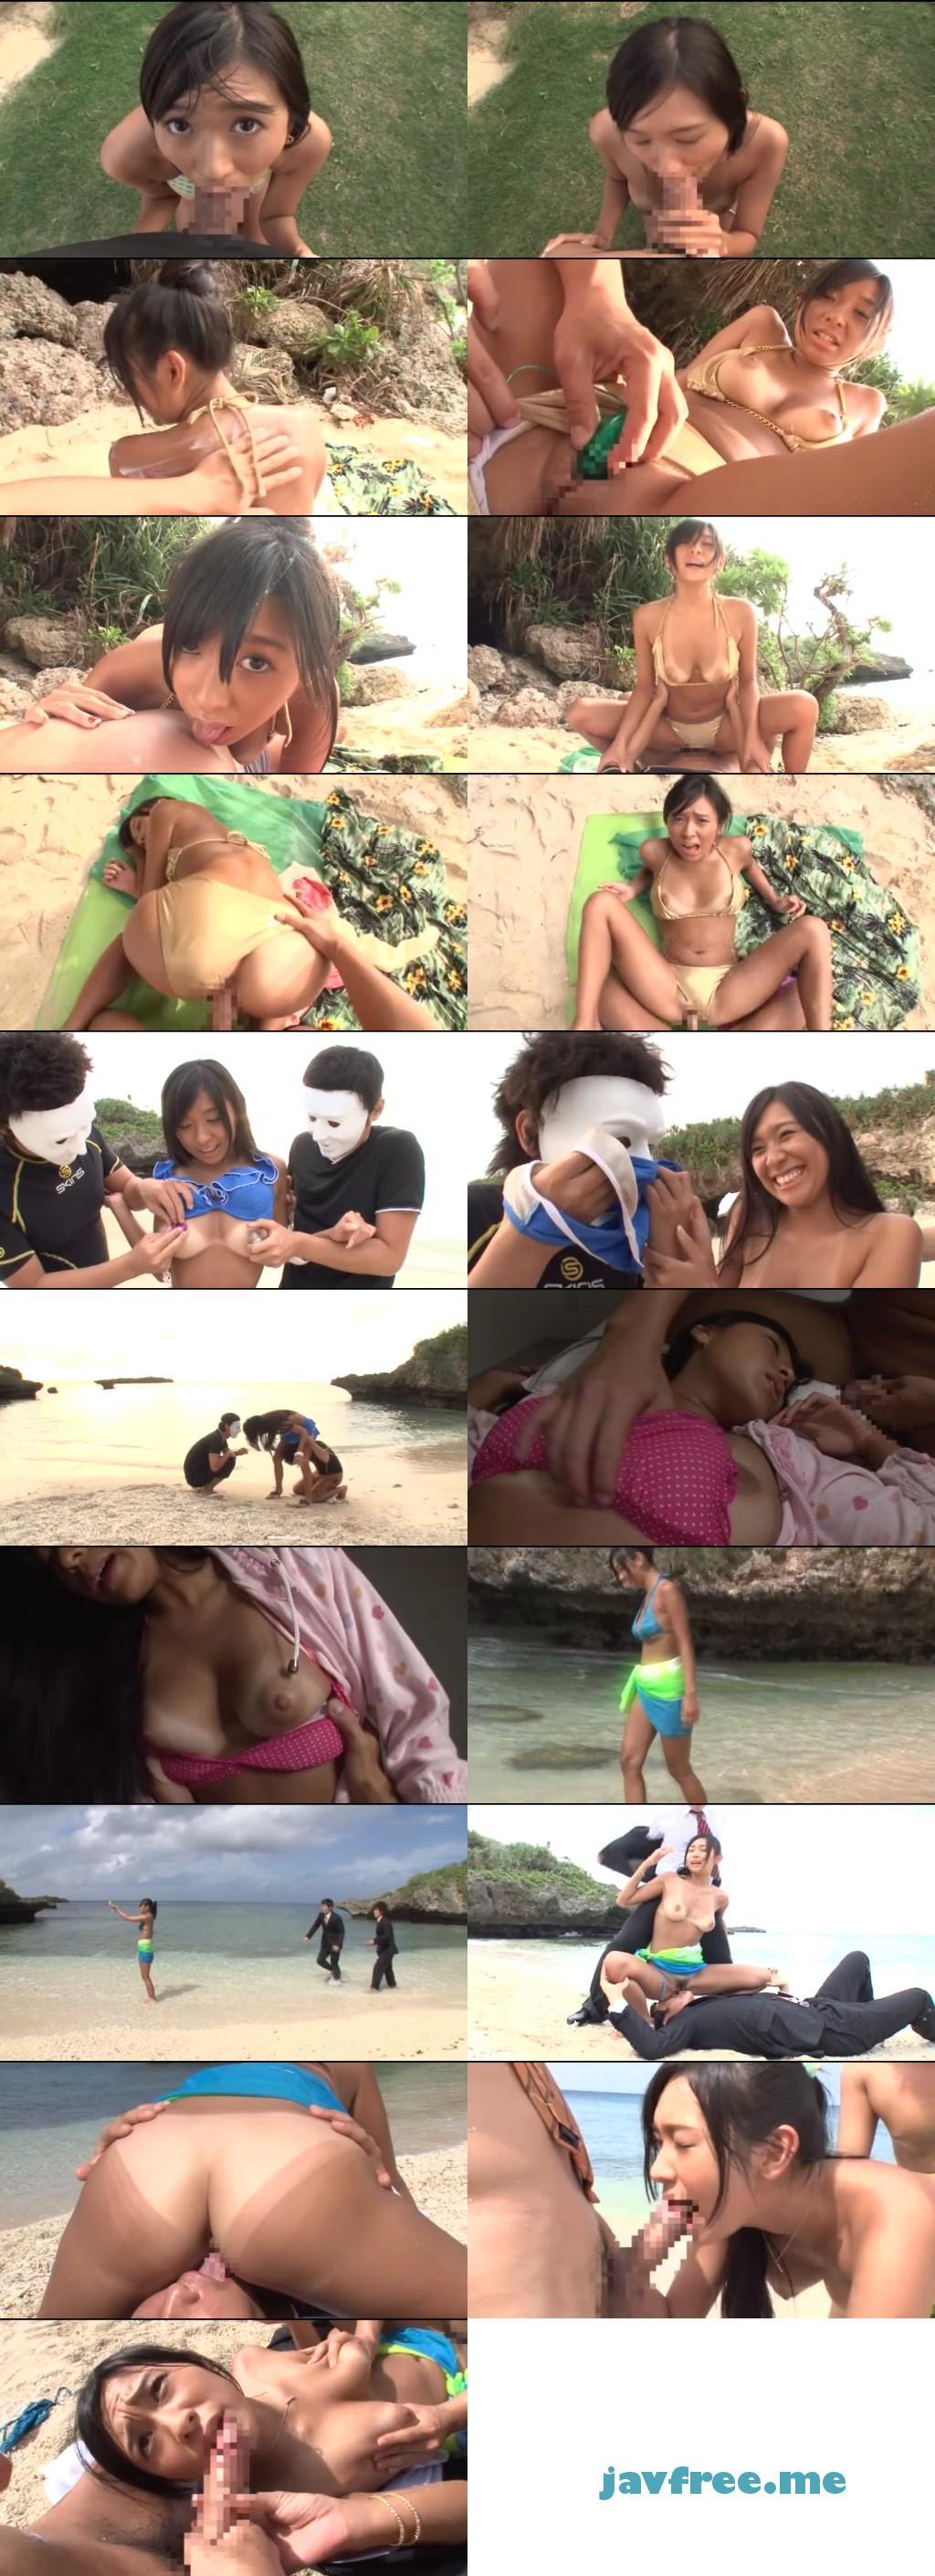 [DVD][XV 1029] 小麦色BODY全開SEX 南の島でスプラッシュ! 小倉奈々 小倉奈々 XV